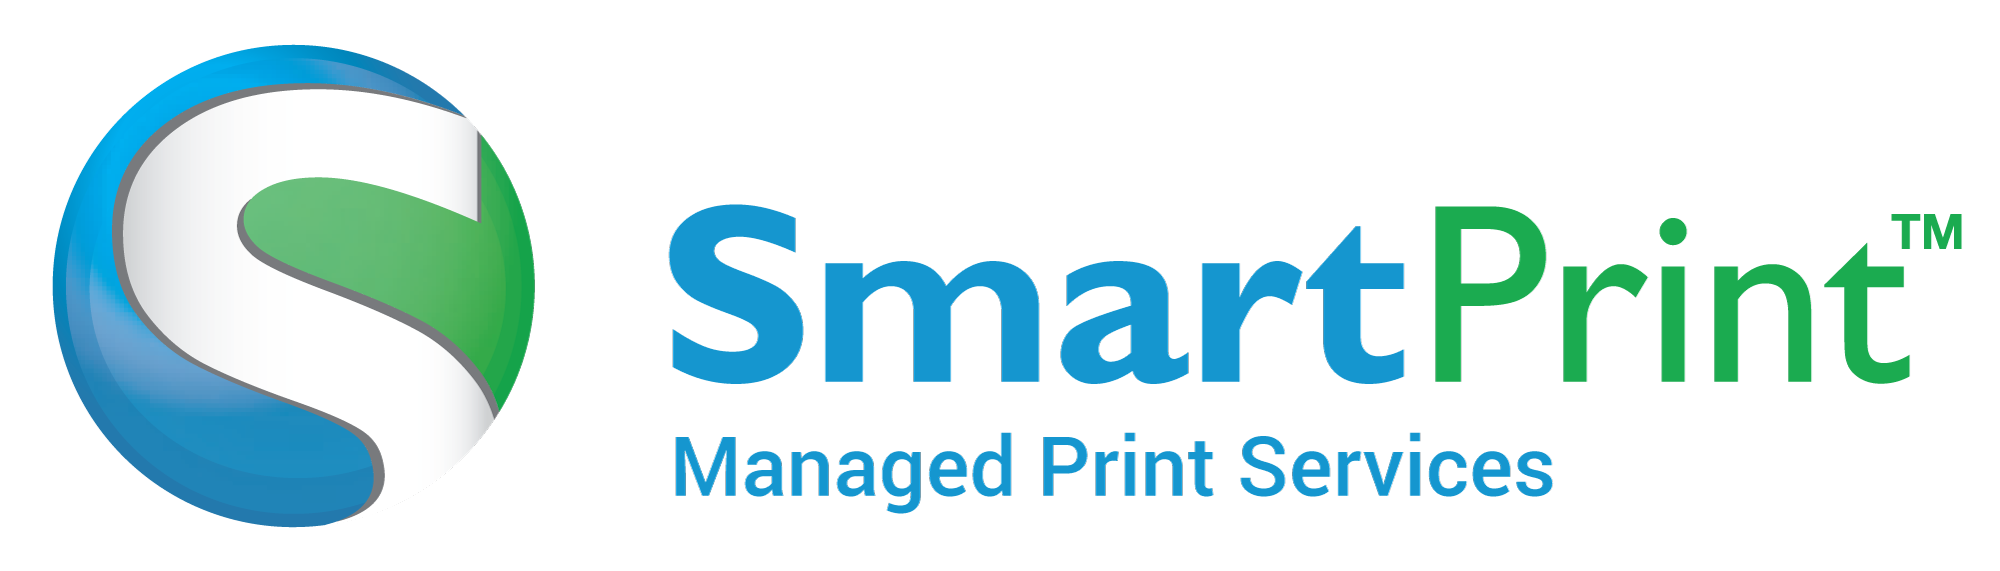 smartPrint_logo_w_mps_hires